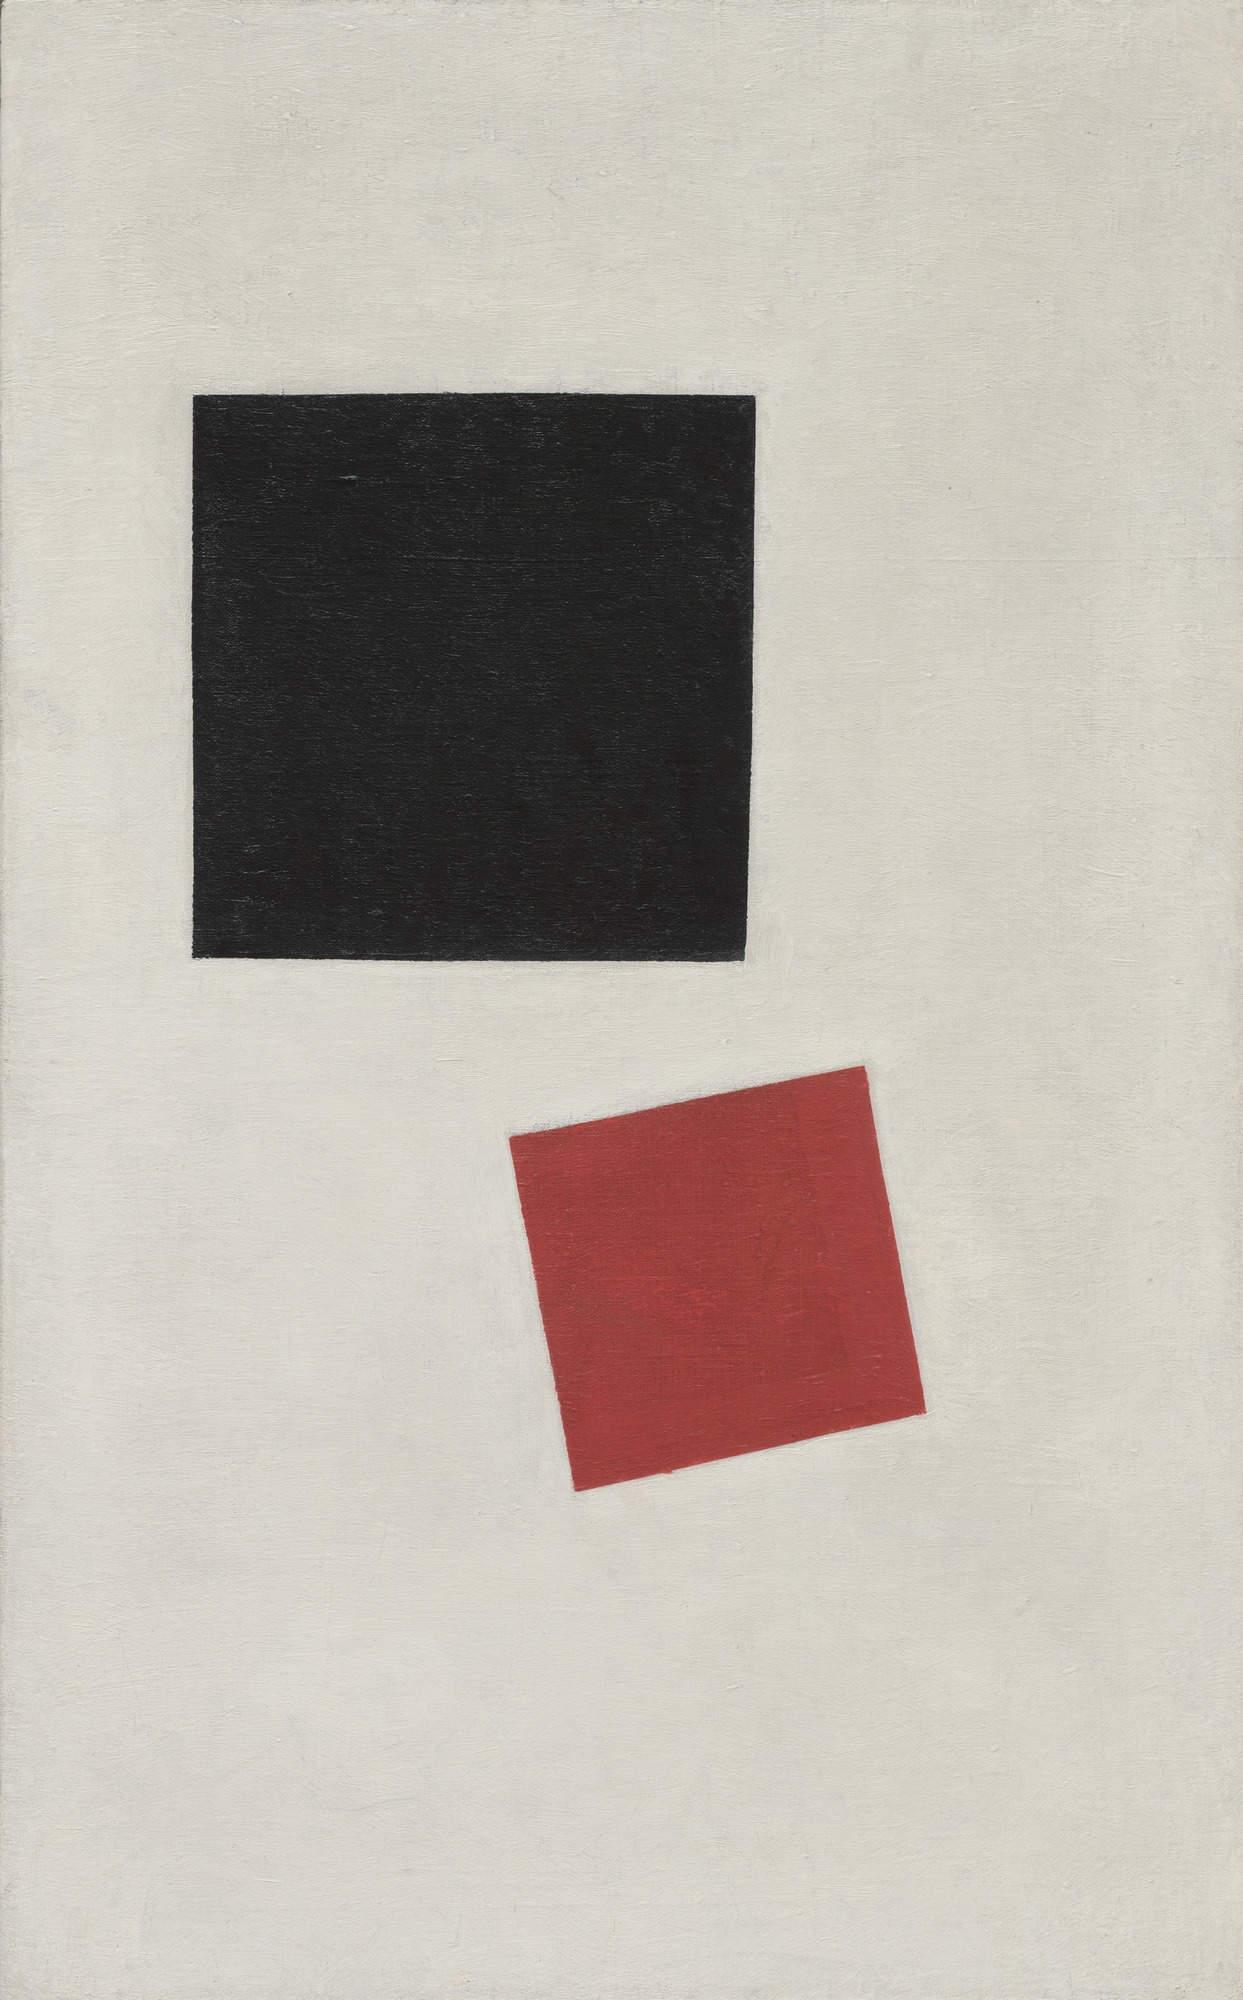 fileblack square and red square malevich 1915jpg